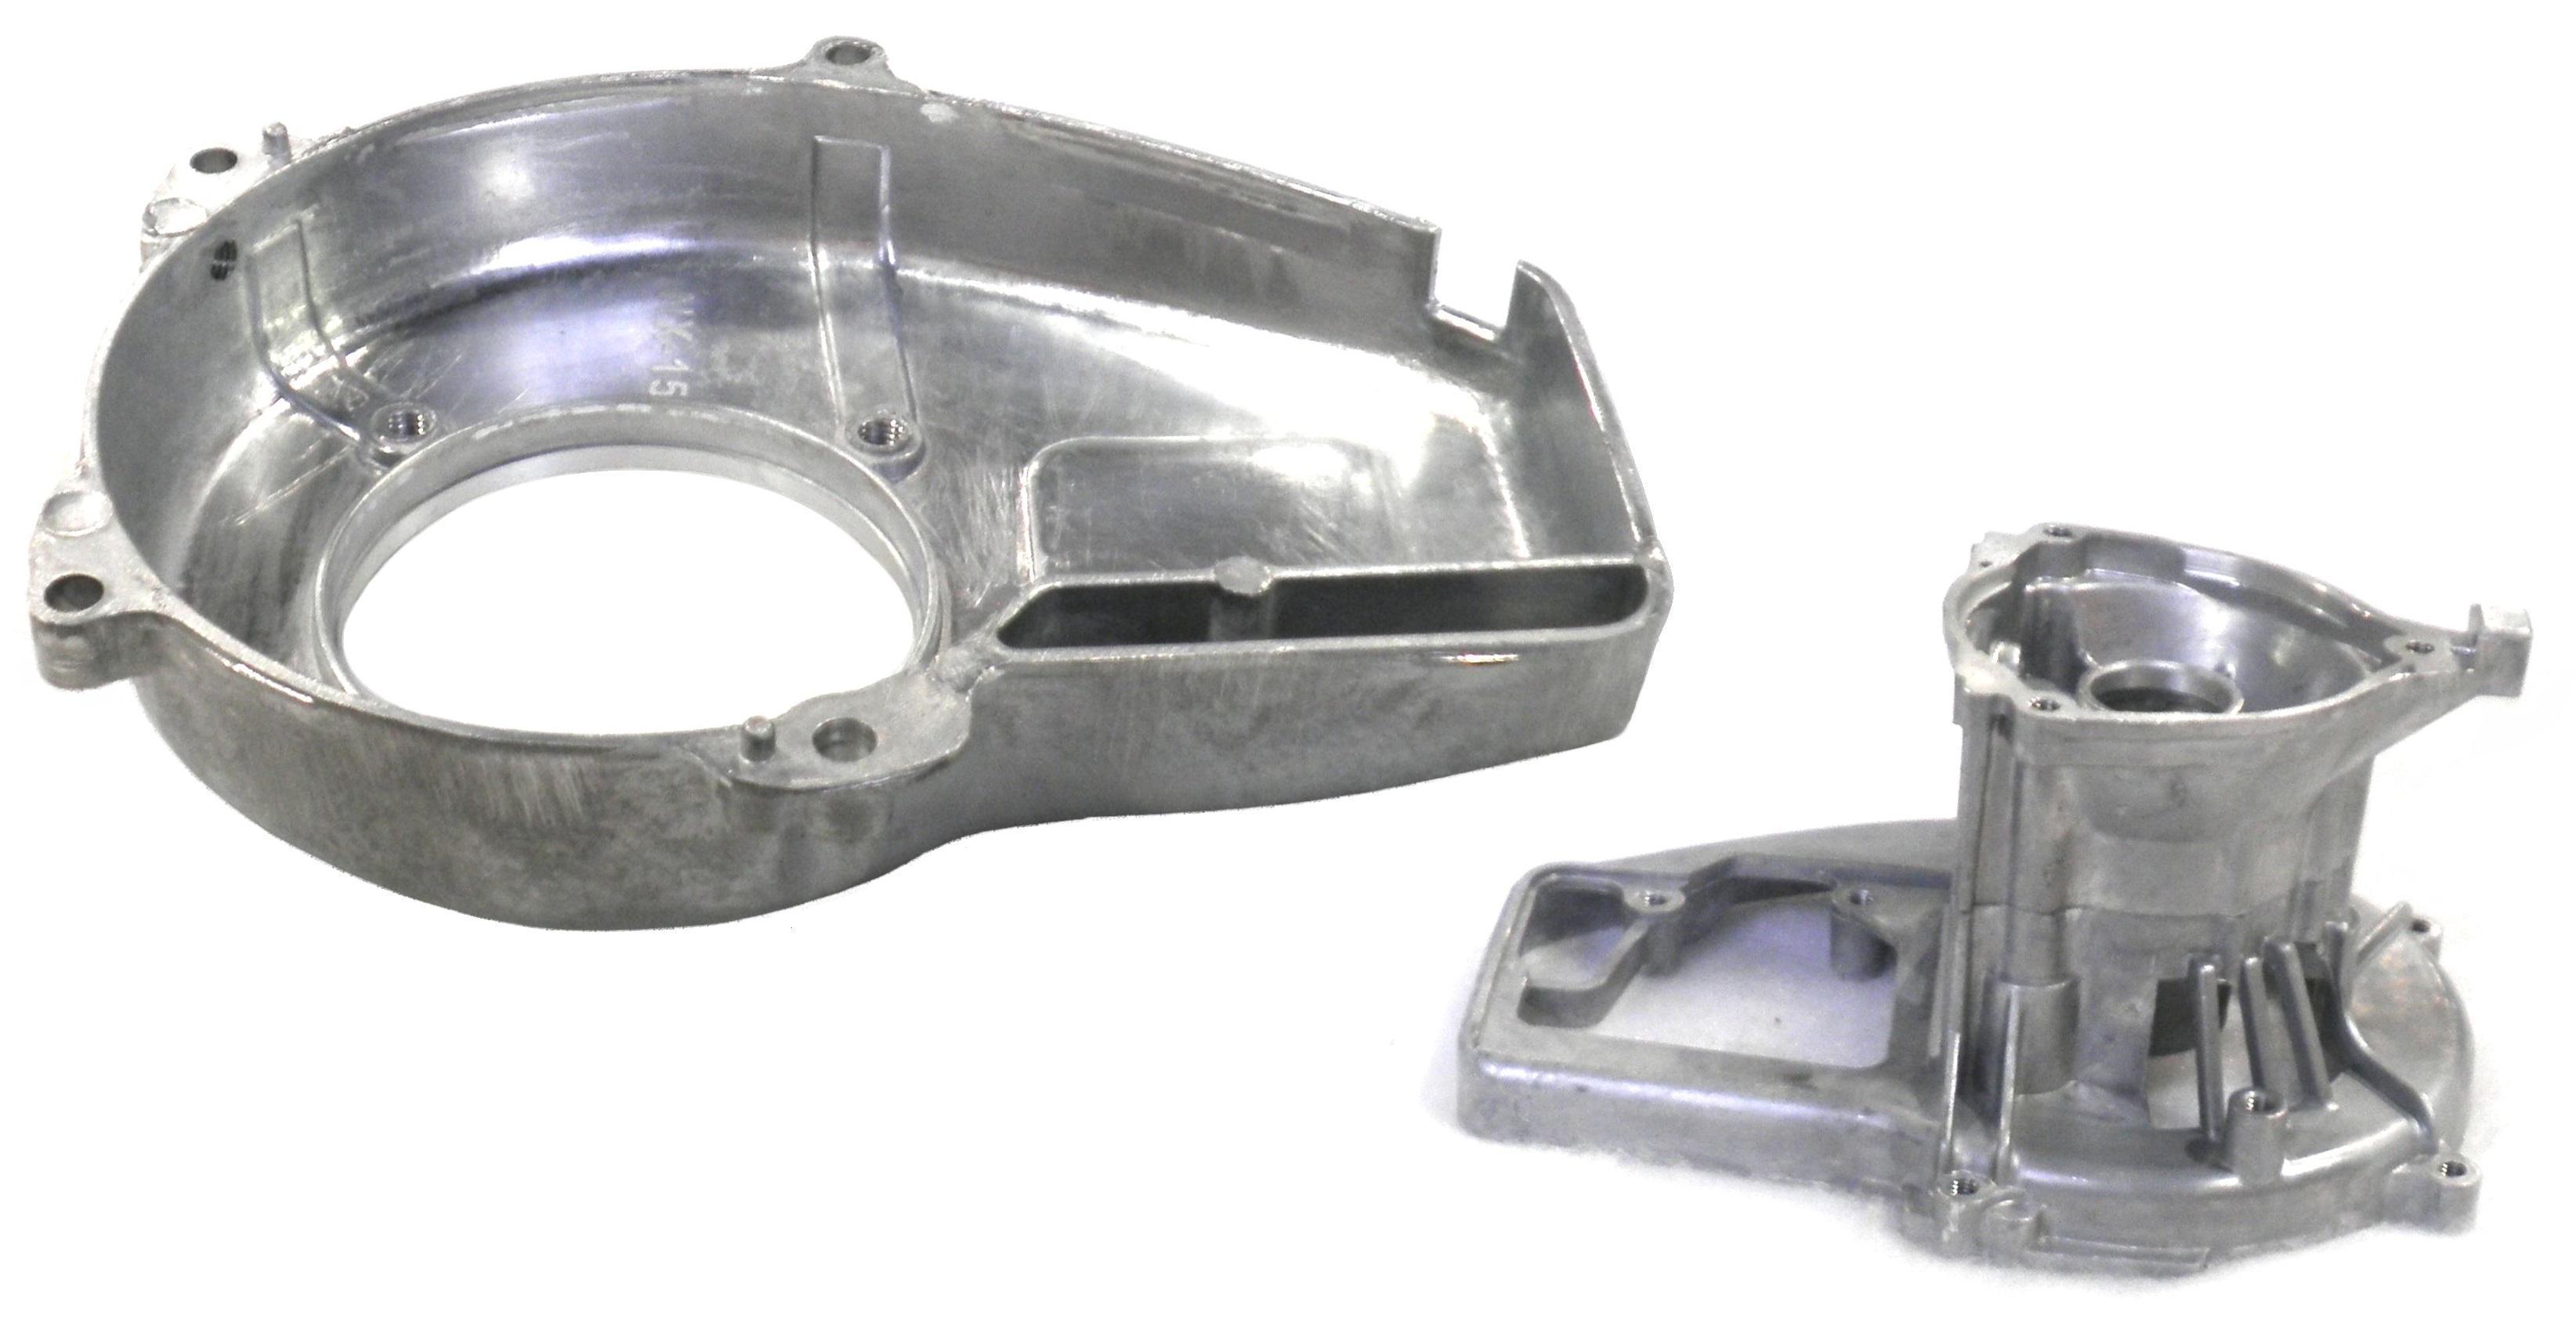 Comprar Carcaca do virabrequim pulverizador-706